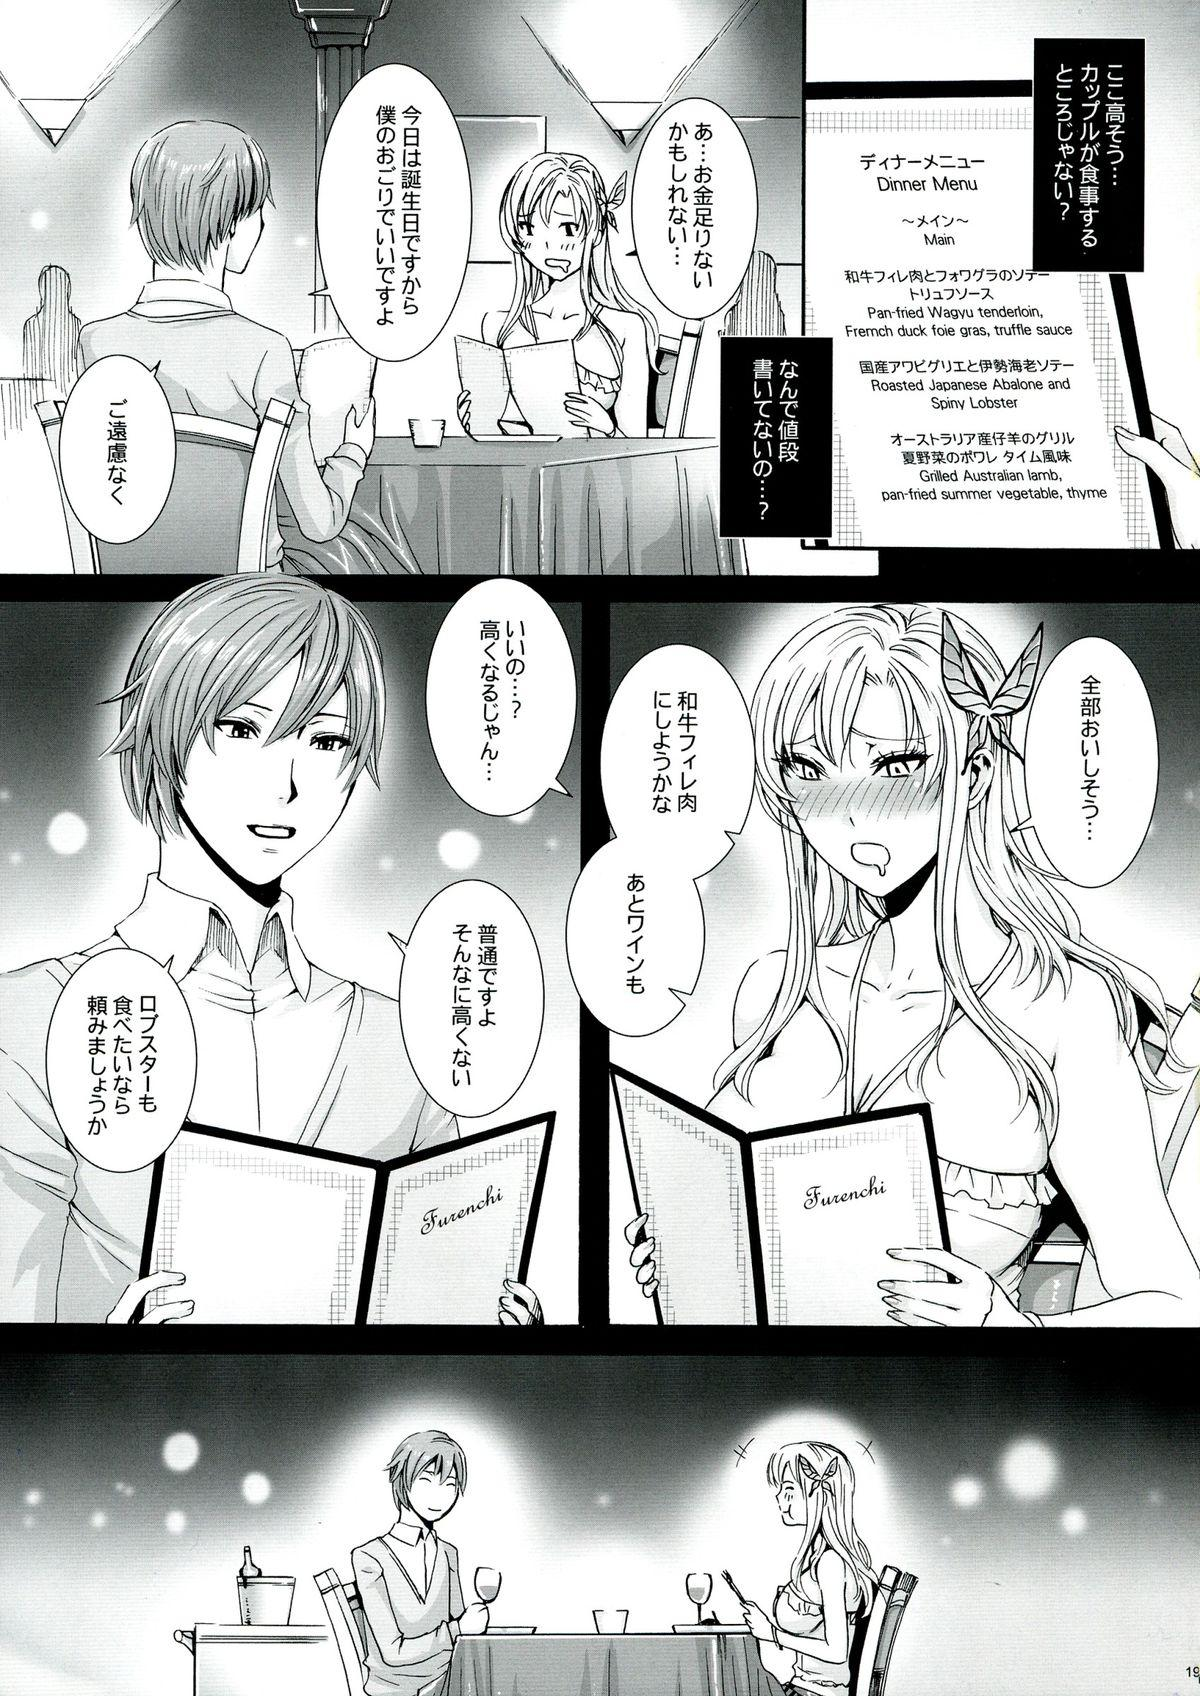 Sena 29sai Tomodachi ga Inai 18